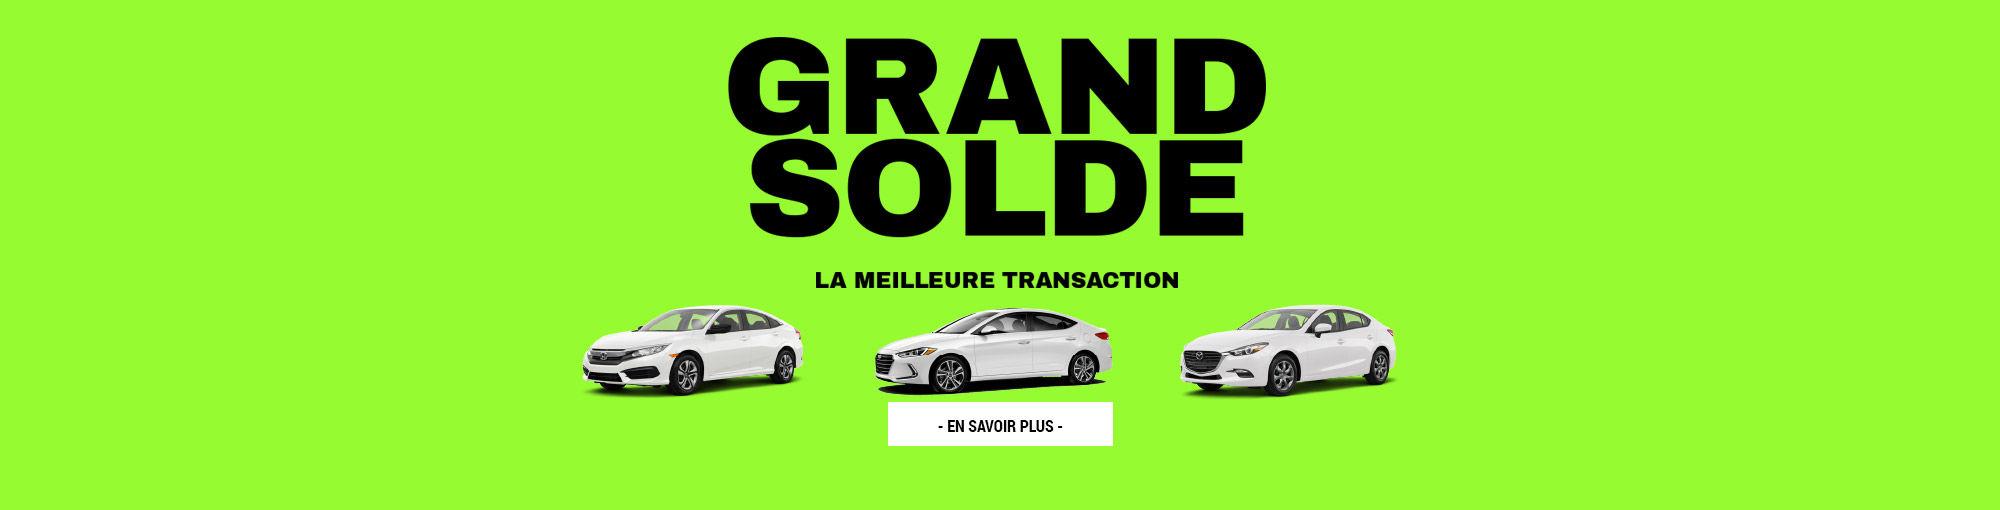 GRAND SOLDE AUTOMNE 2018 GROUPE VINCENT header_4